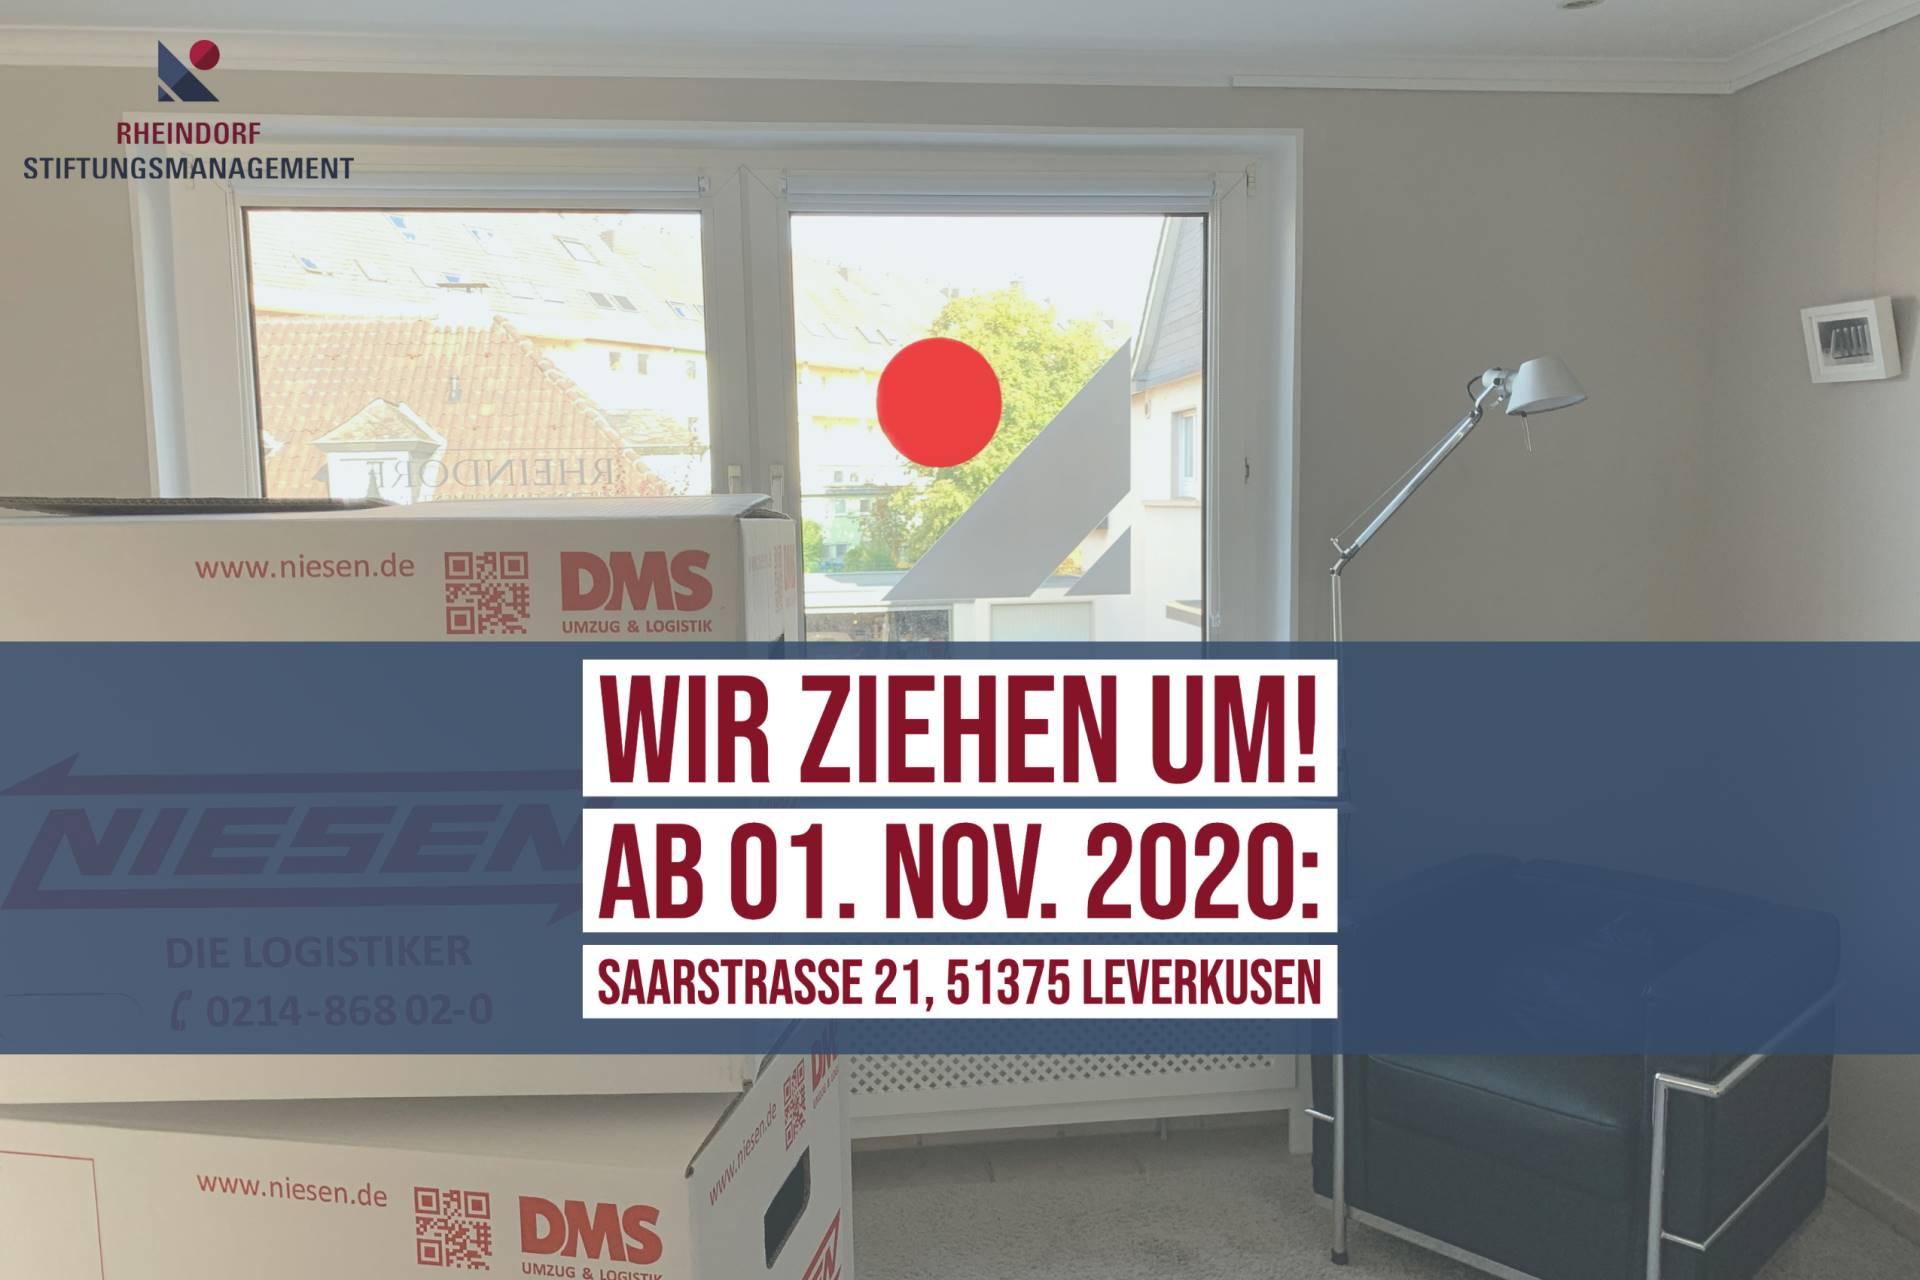 Ab 1. November 2020: Rheindorf Stiftungsmanagement zieht nach Leverkusen